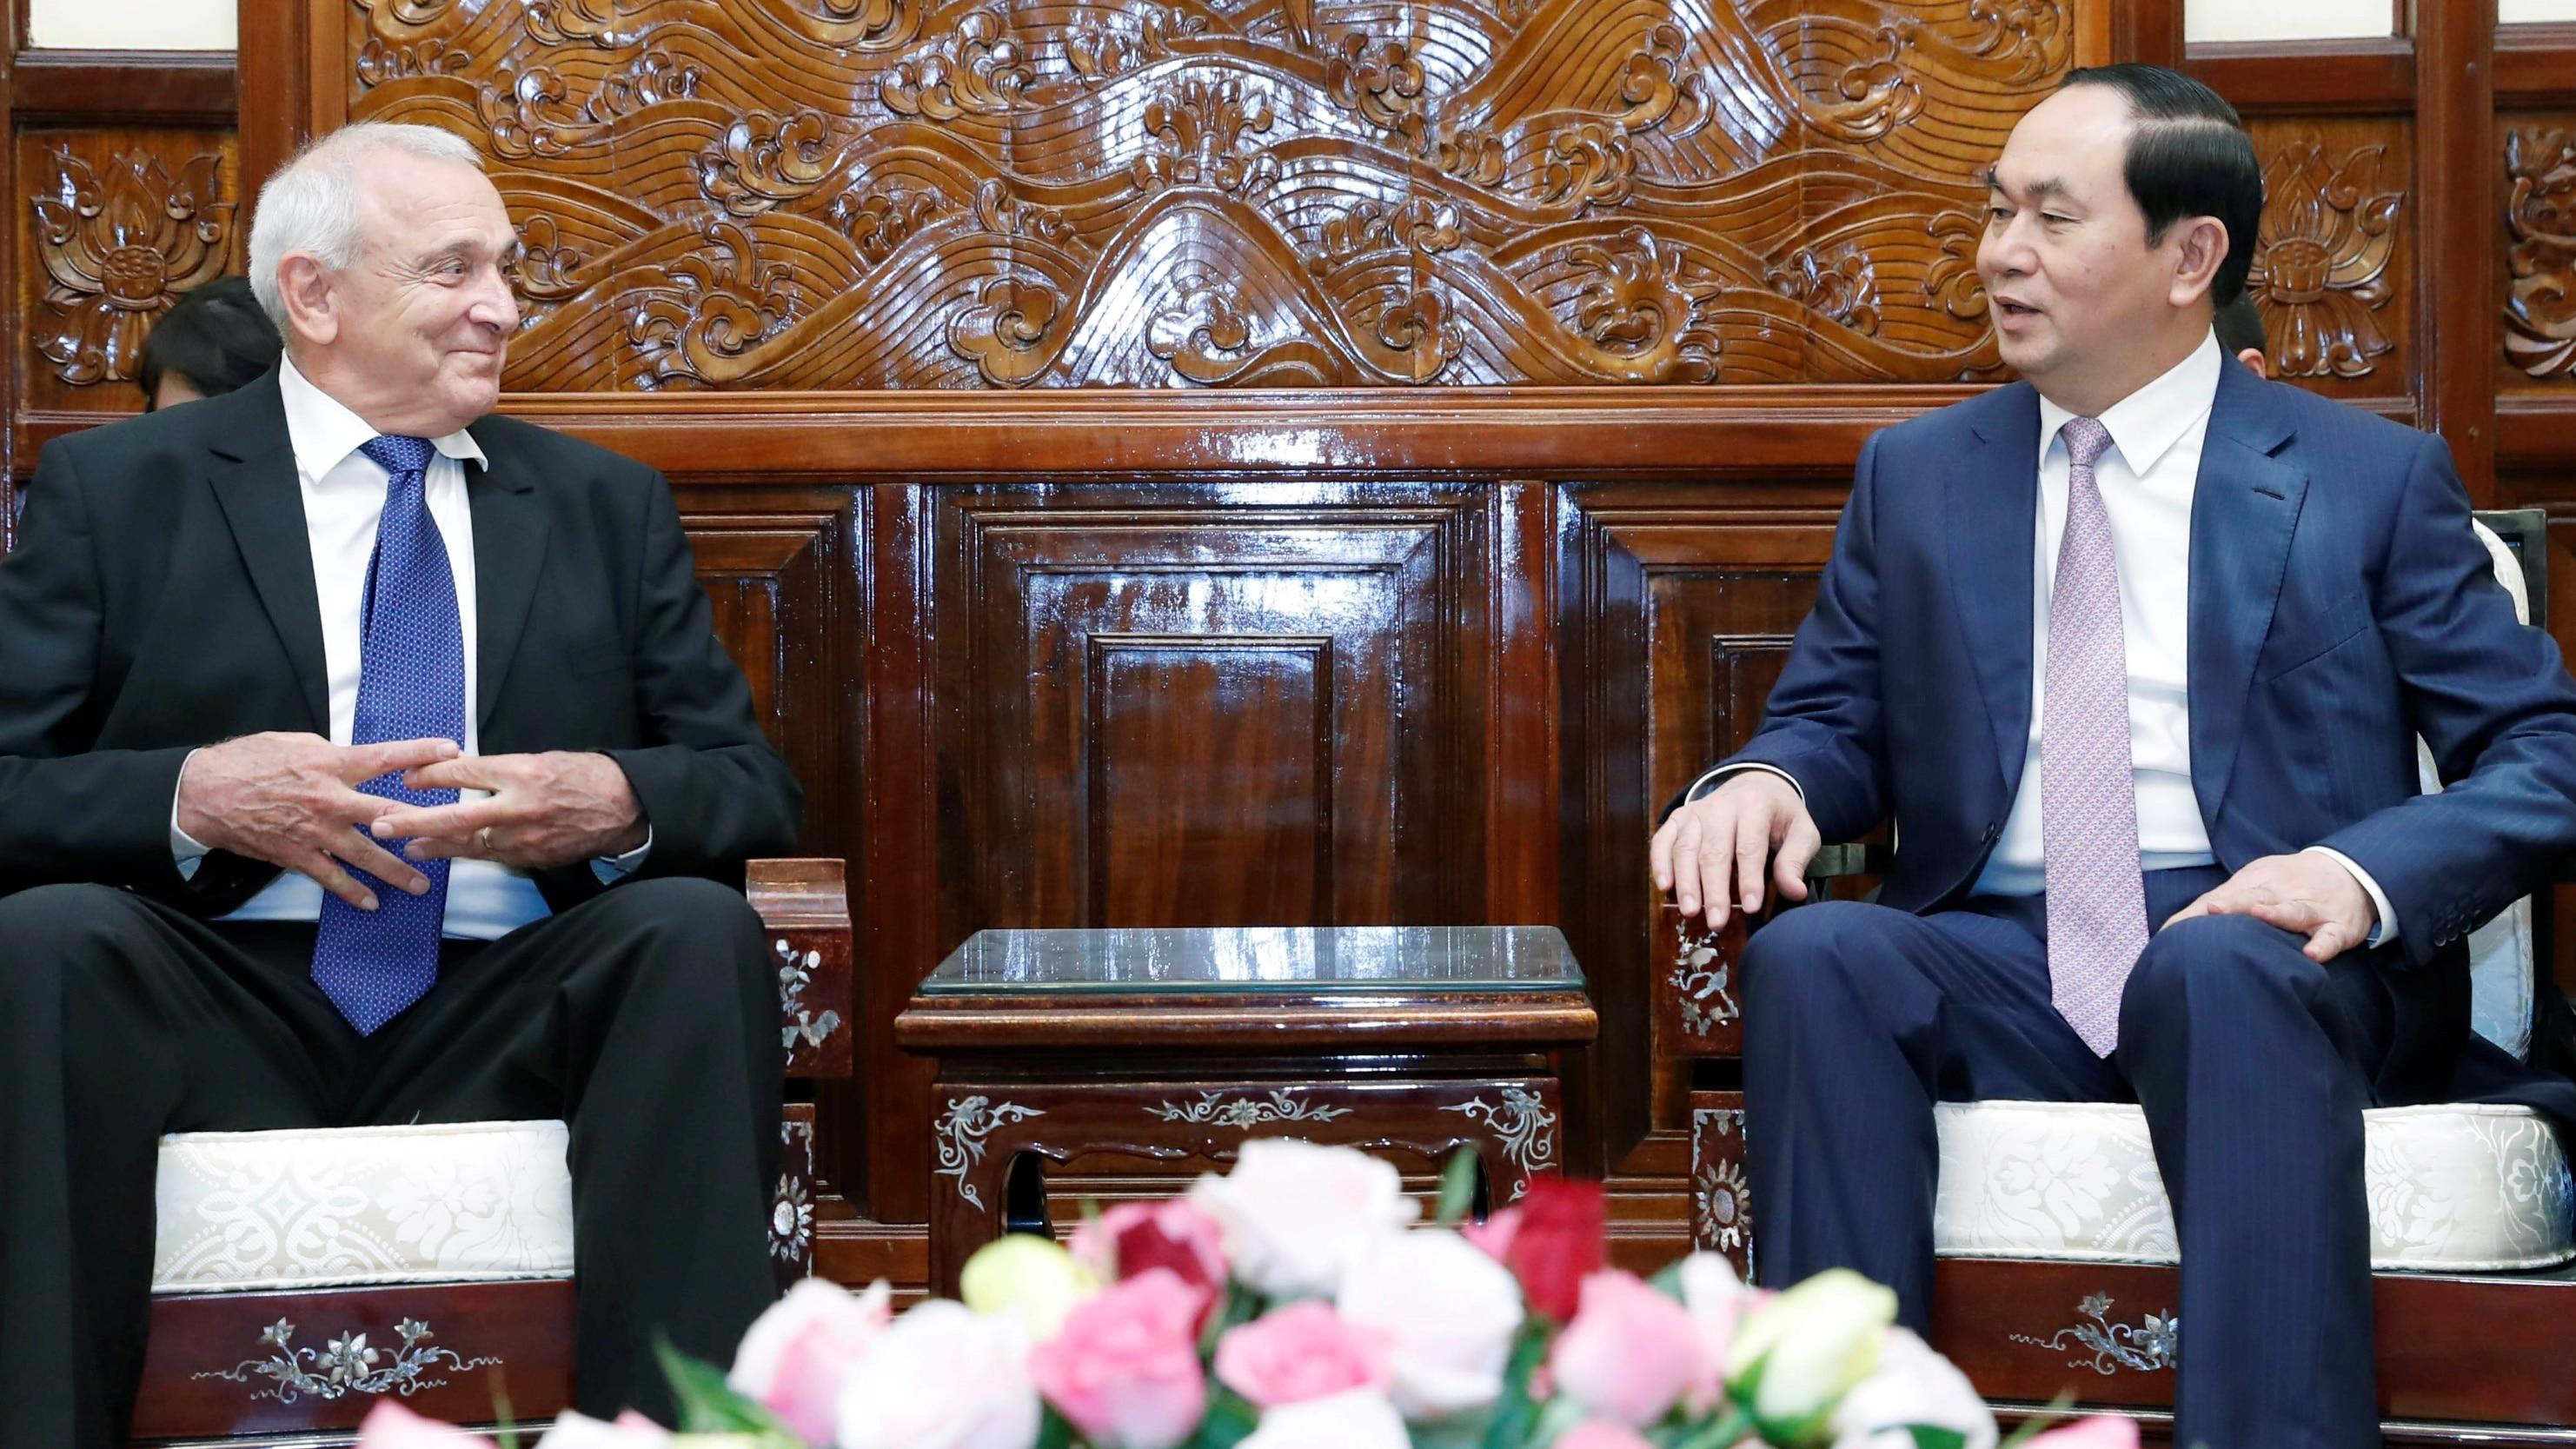 Vietnam seeks closer defense trade ties with Israel